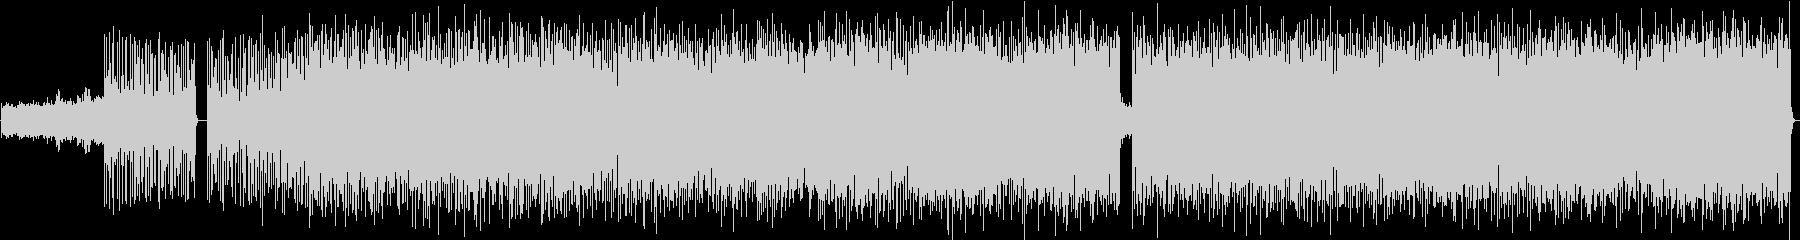 スリリングなリズムに大きいメロディの未再生の波形